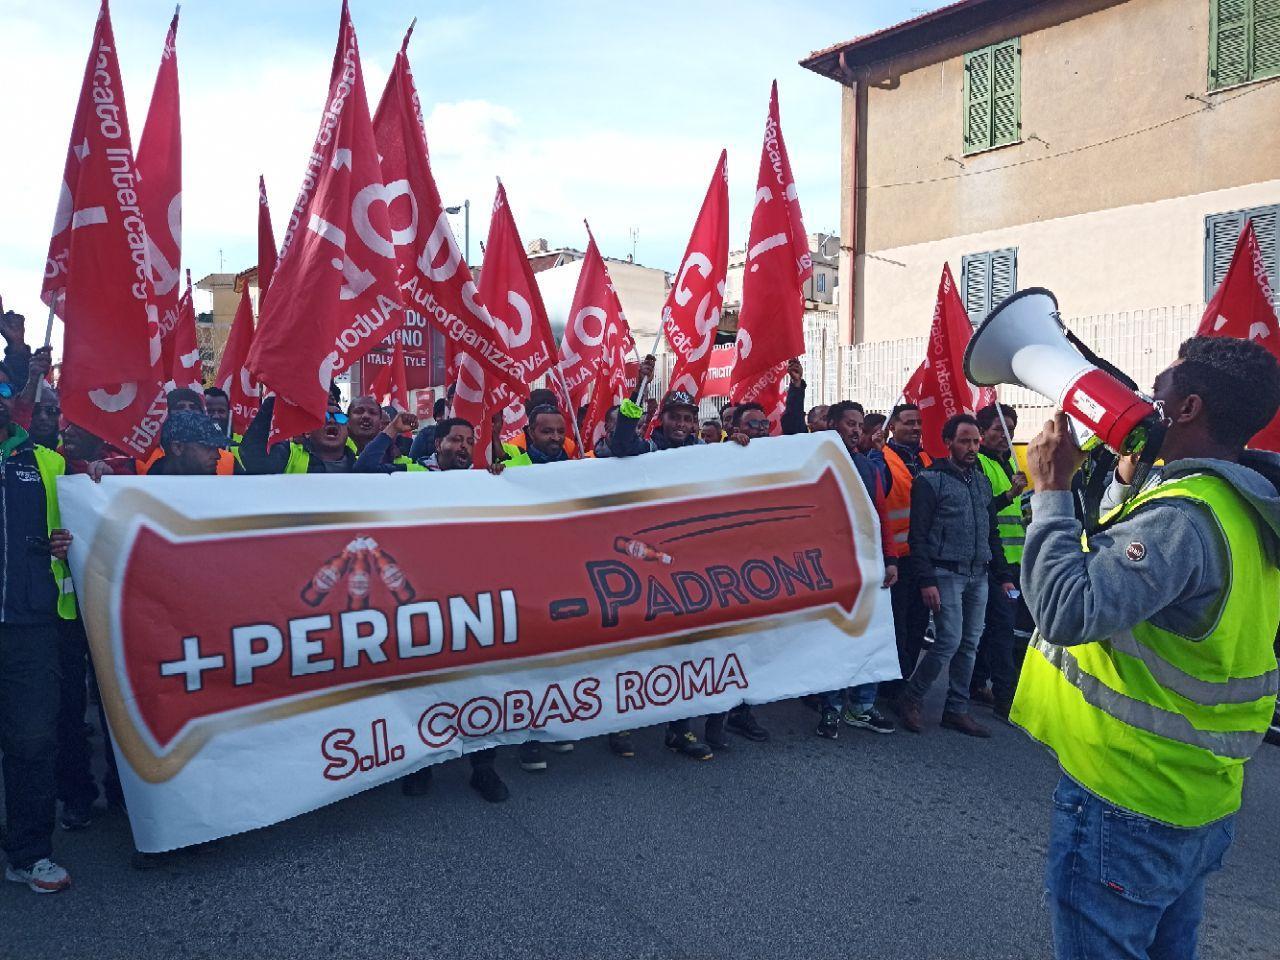 """Sciopero Peroni a Roma, oggi corteo: """"La lotta alla Peroni finirà quando sara Peroni a perdere!"""""""